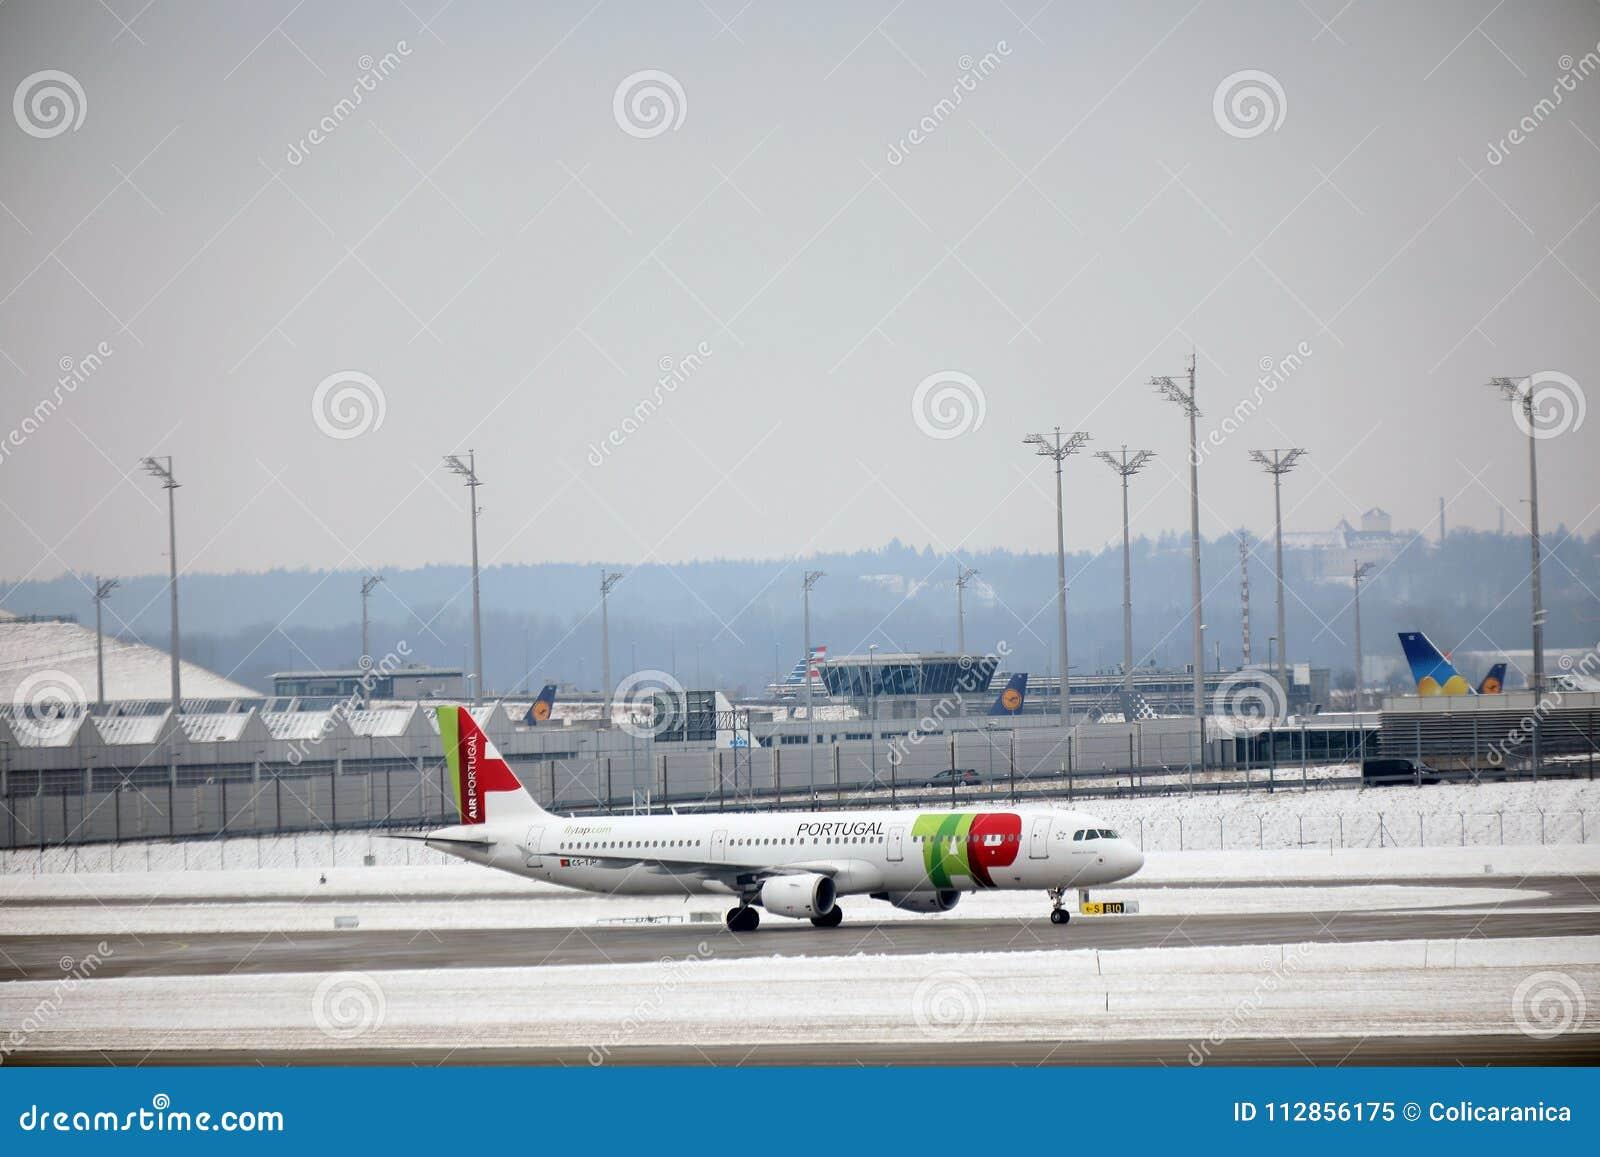 KNACKA LÄTT PÅ den Air Portugal nivån på landningsbana i den Munich flygplatsen, Tyskland, vintertid med snö